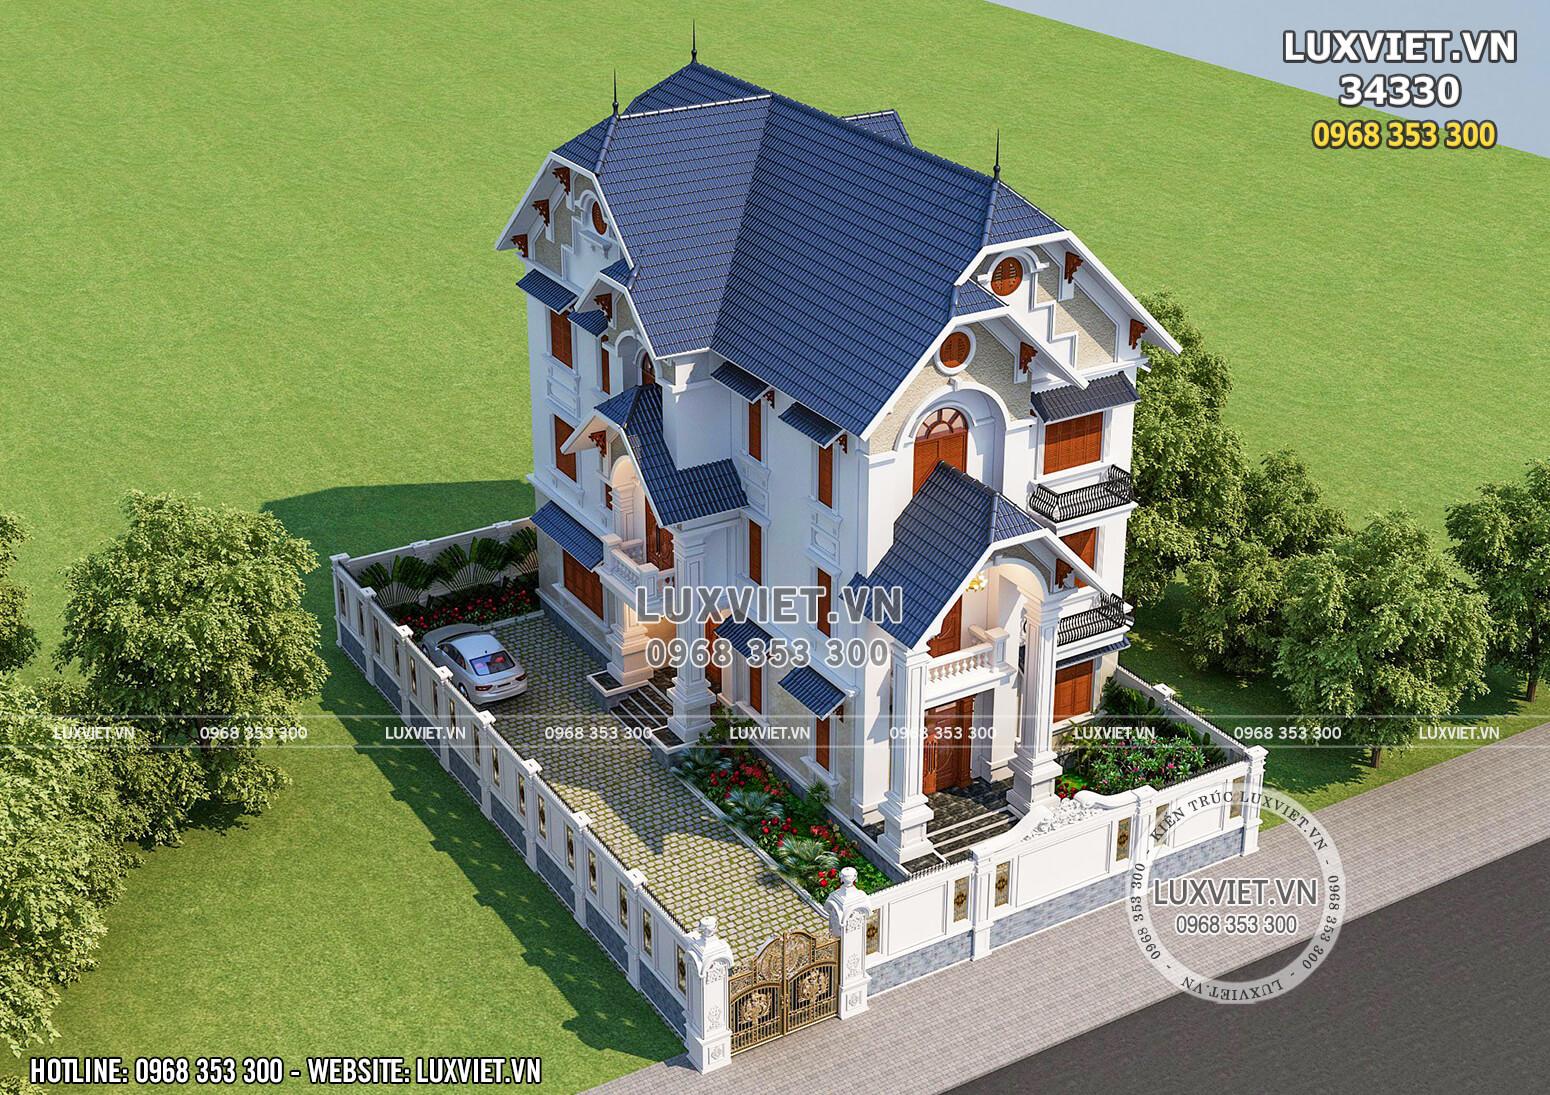 Hình ảnh: Góc nhìn tổng thể kiến trúc hoàn mỹ của mẫu nhà biệt thự 3 tầng mái Thái